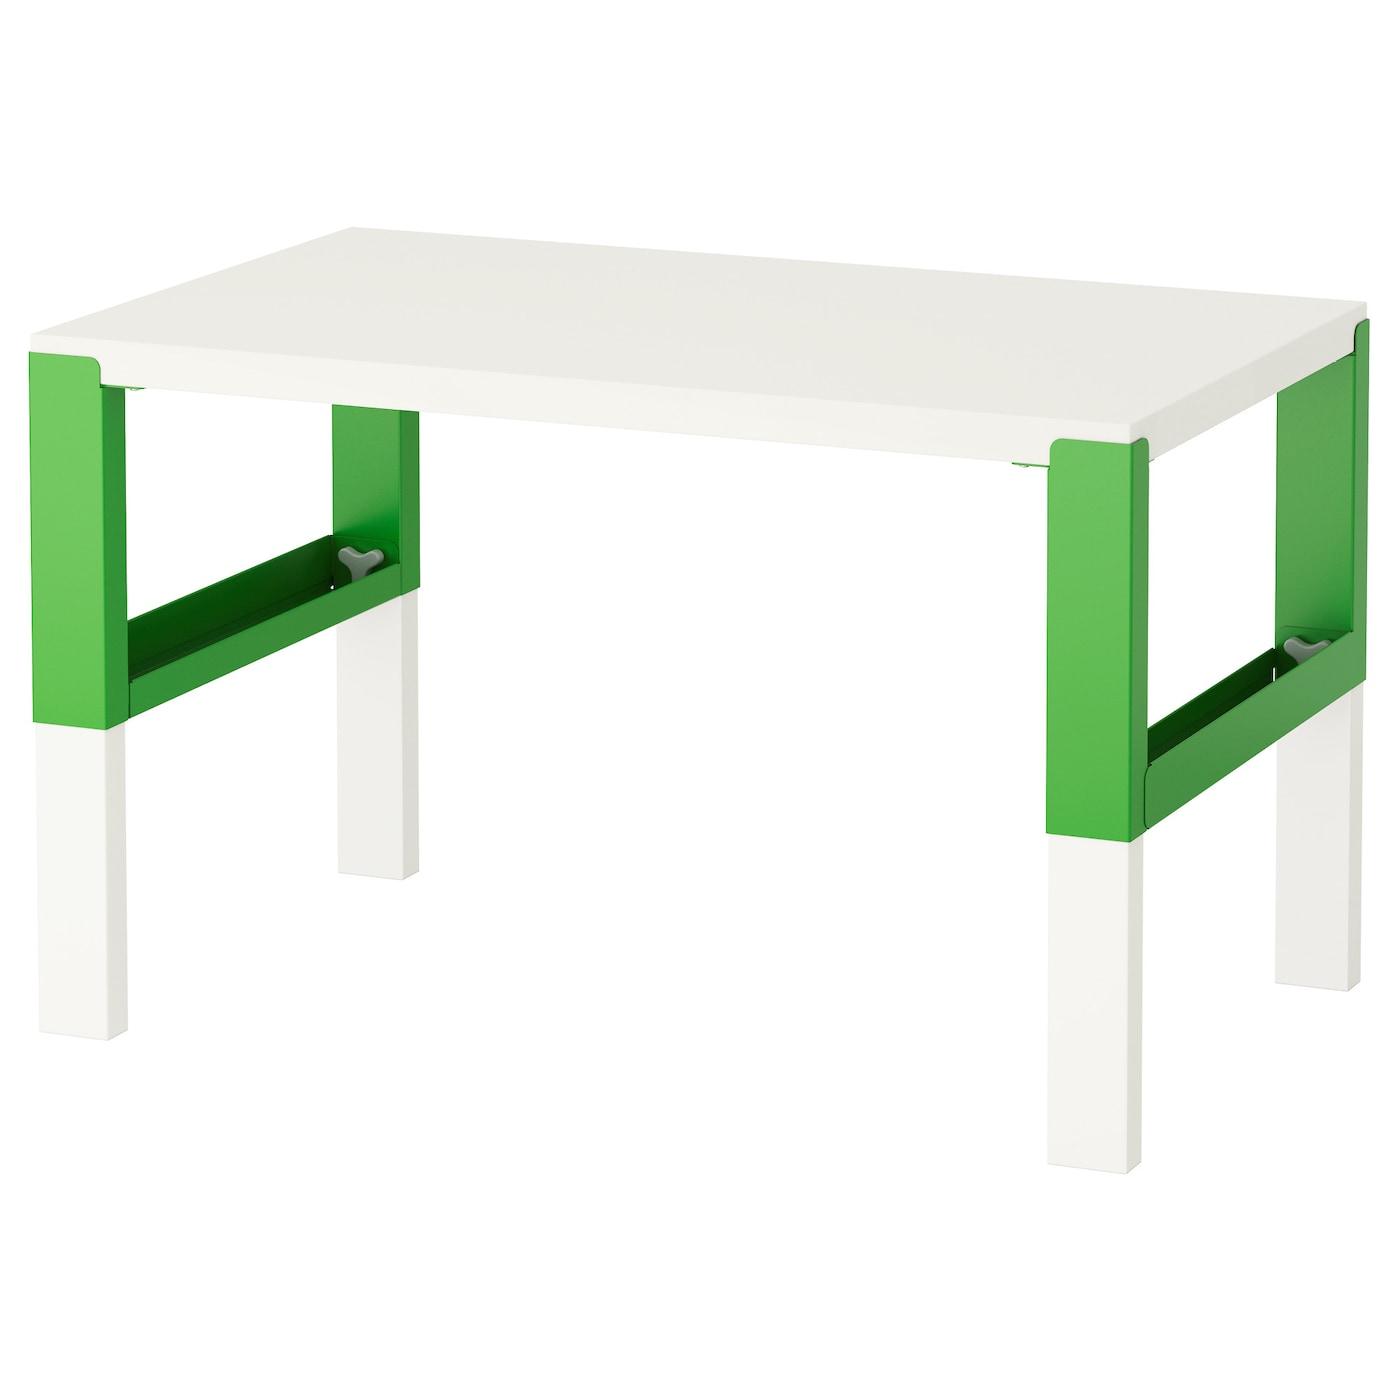 pahl-schreibtisch-wei-__0385156_PE558637_S5 Incroyable De Ikea Table Bureau Concept